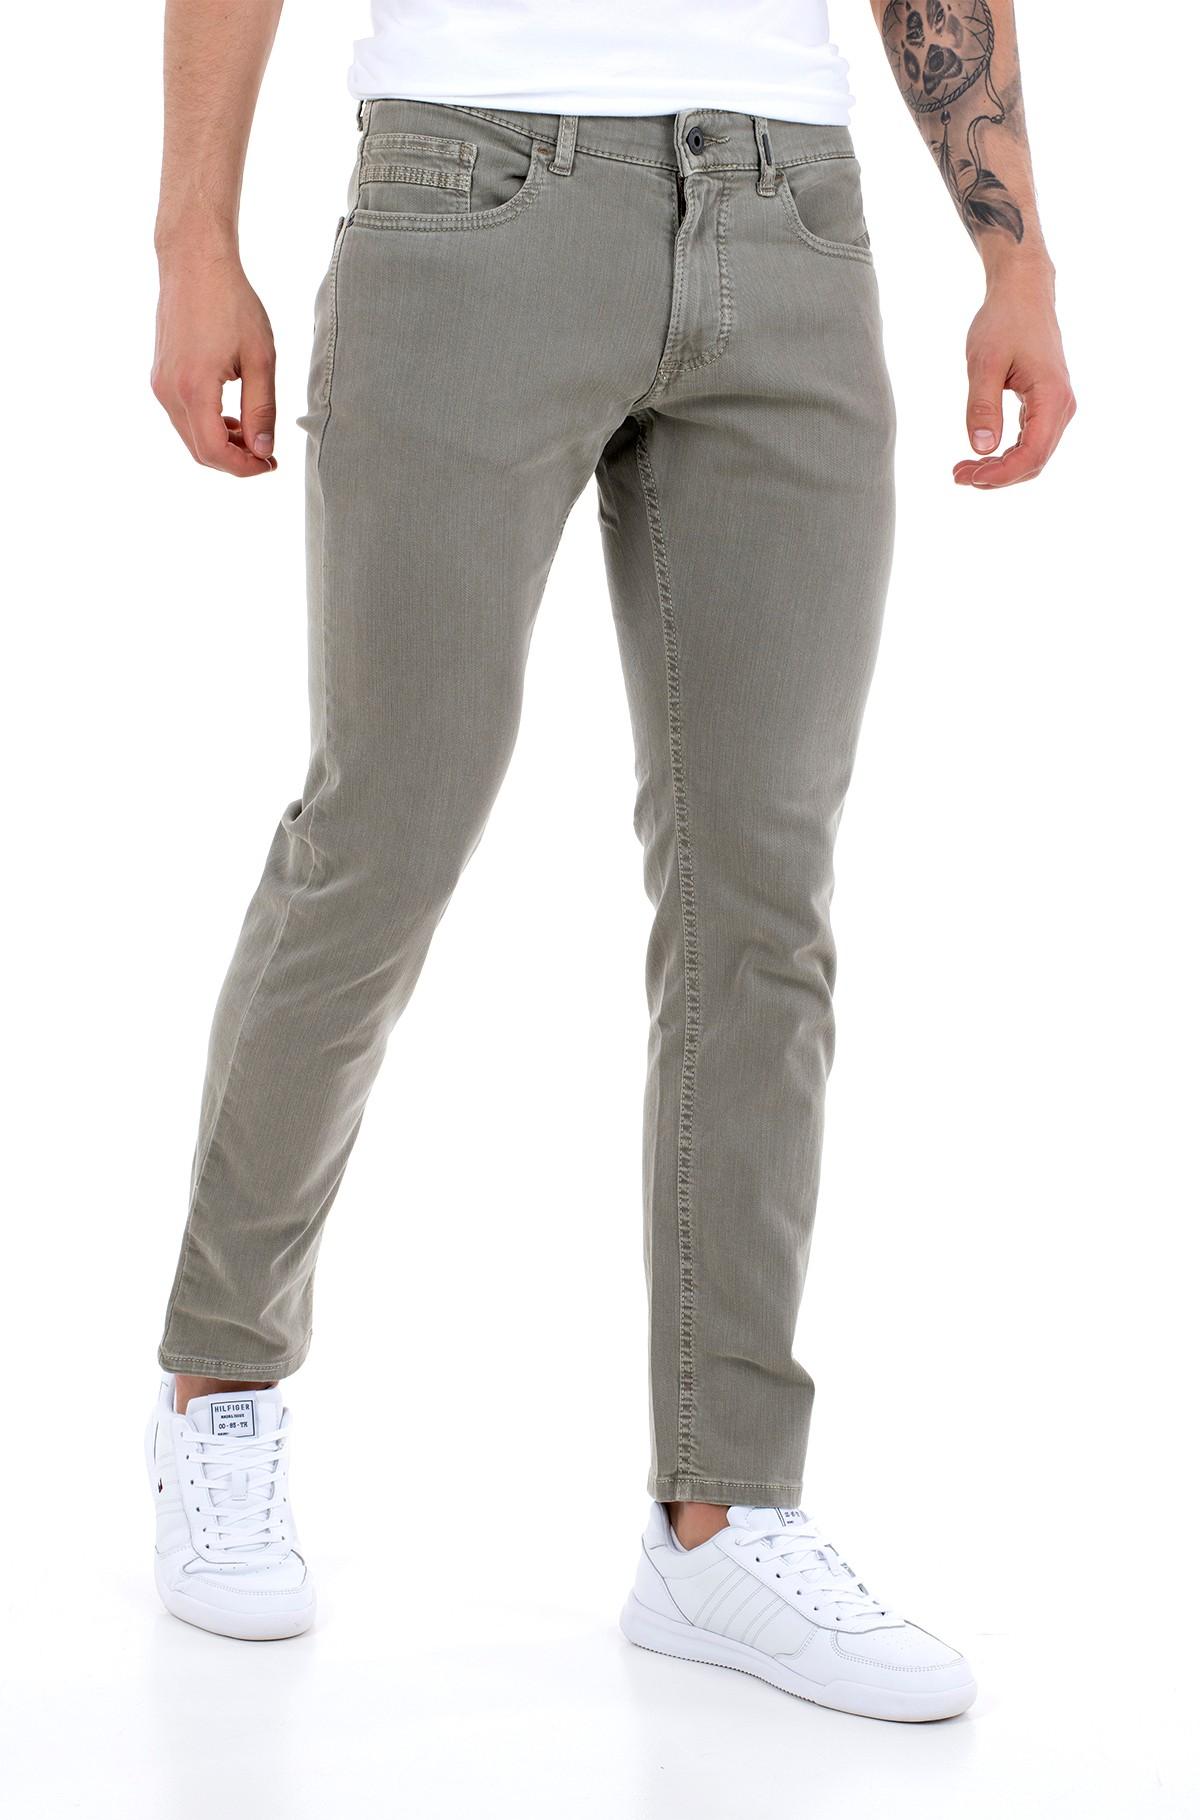 Jeans 488885/5574-full-1